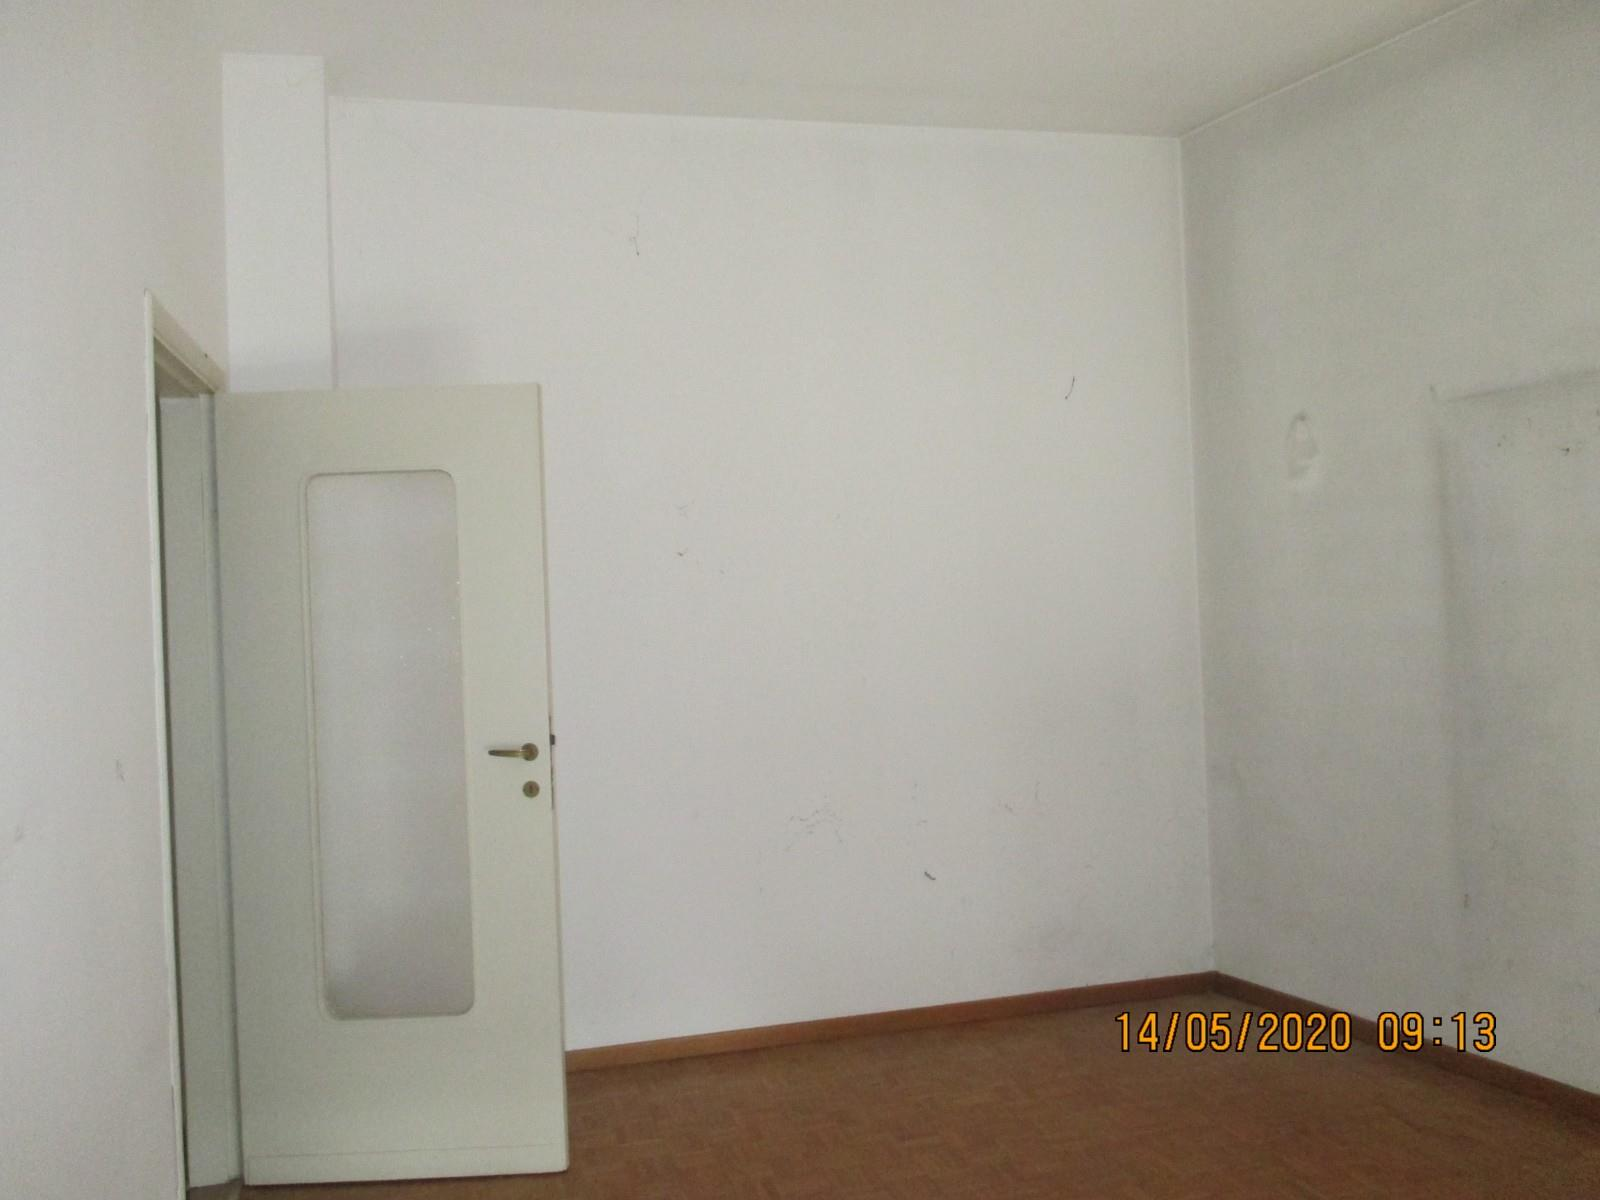 Foto 3 - Appartamento in Vendita - Seveso (Monza e Brianza)